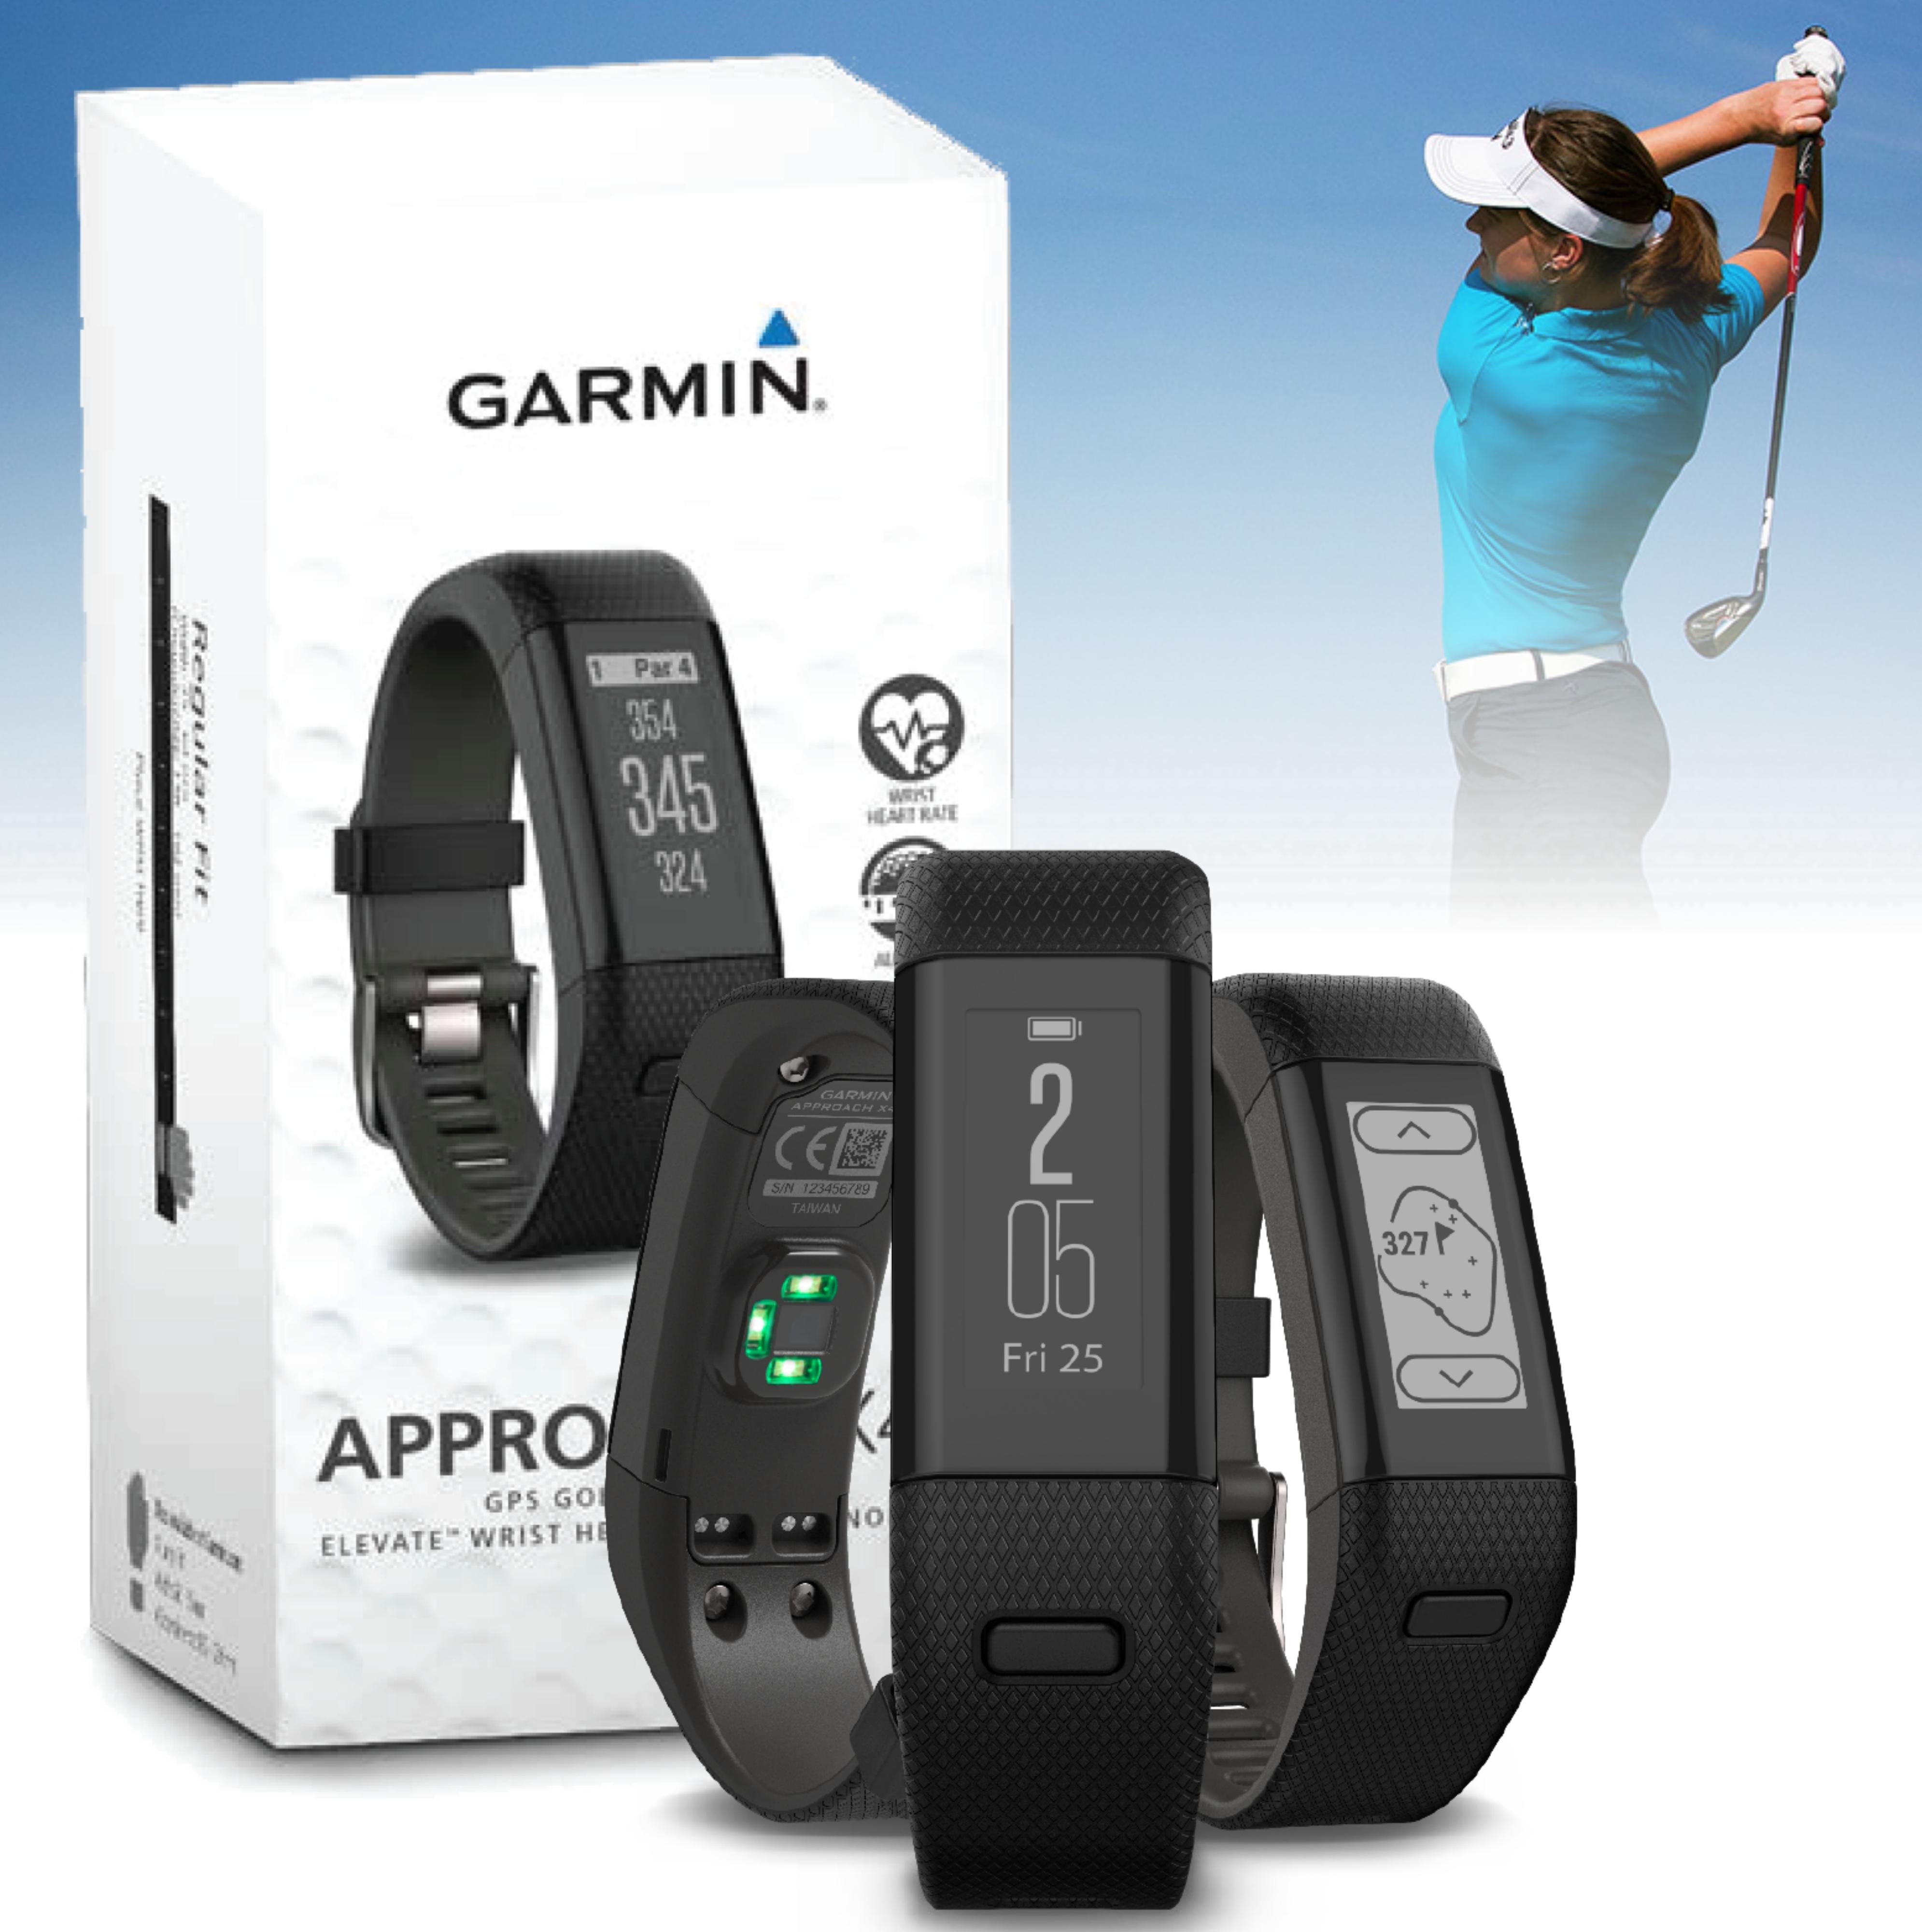 Garmin Approach X40|GPS Golf Watch|Elevate wrist Heart Rate-Activity Tracker|BL